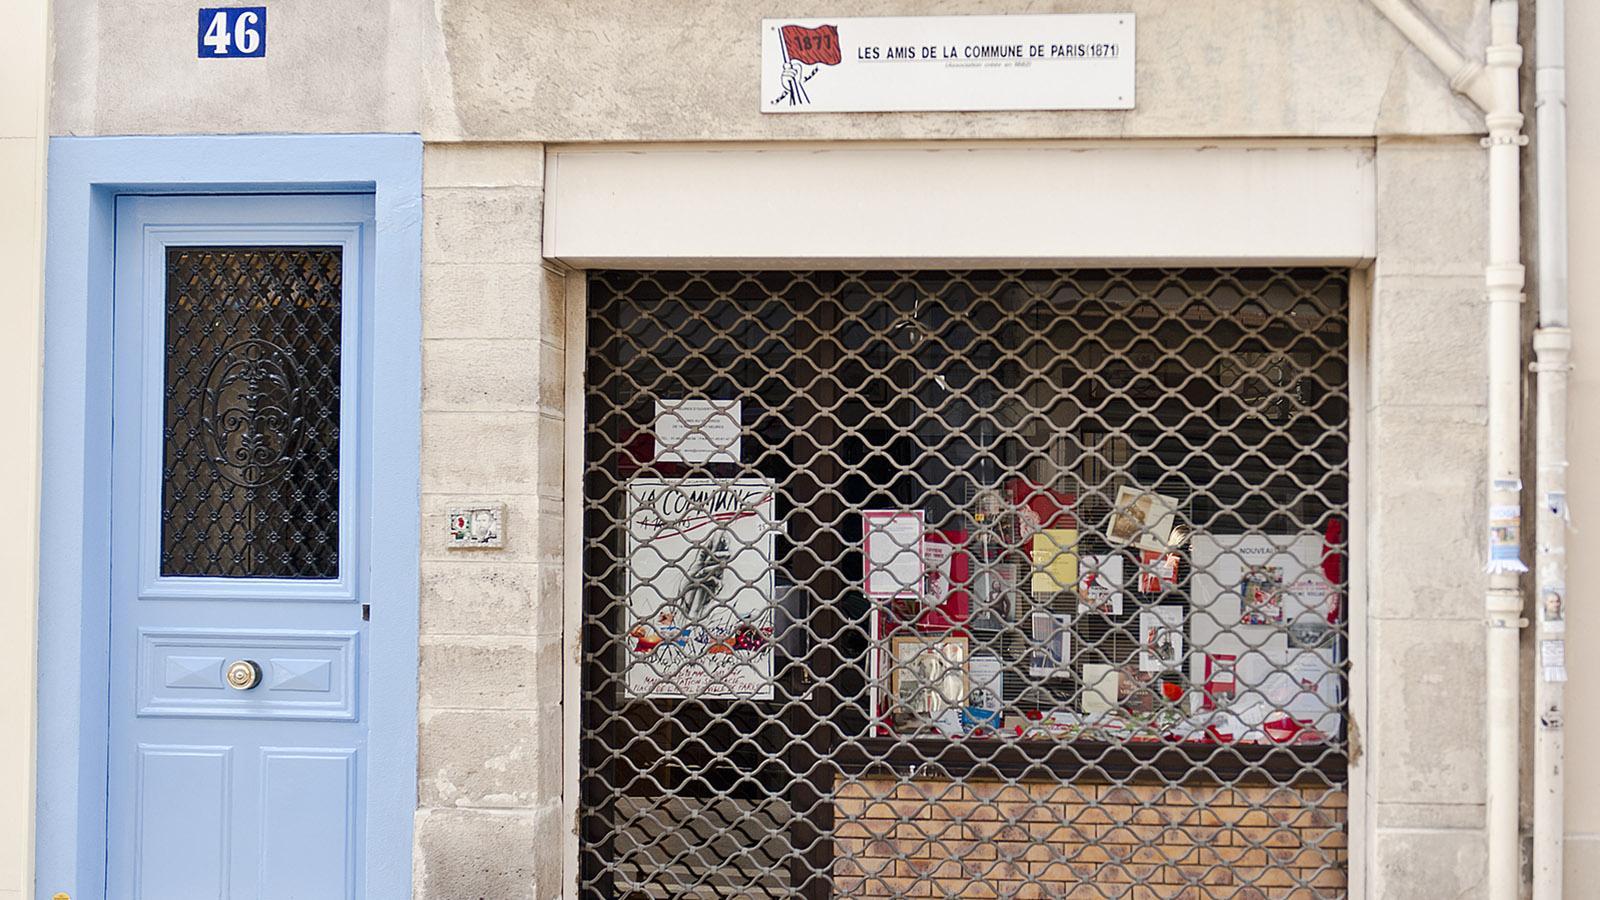 Die Freunde der Pariser Kommune erinnern in Butte-aux-Cailles an den Aufstand. Foto: Hilke Maunder